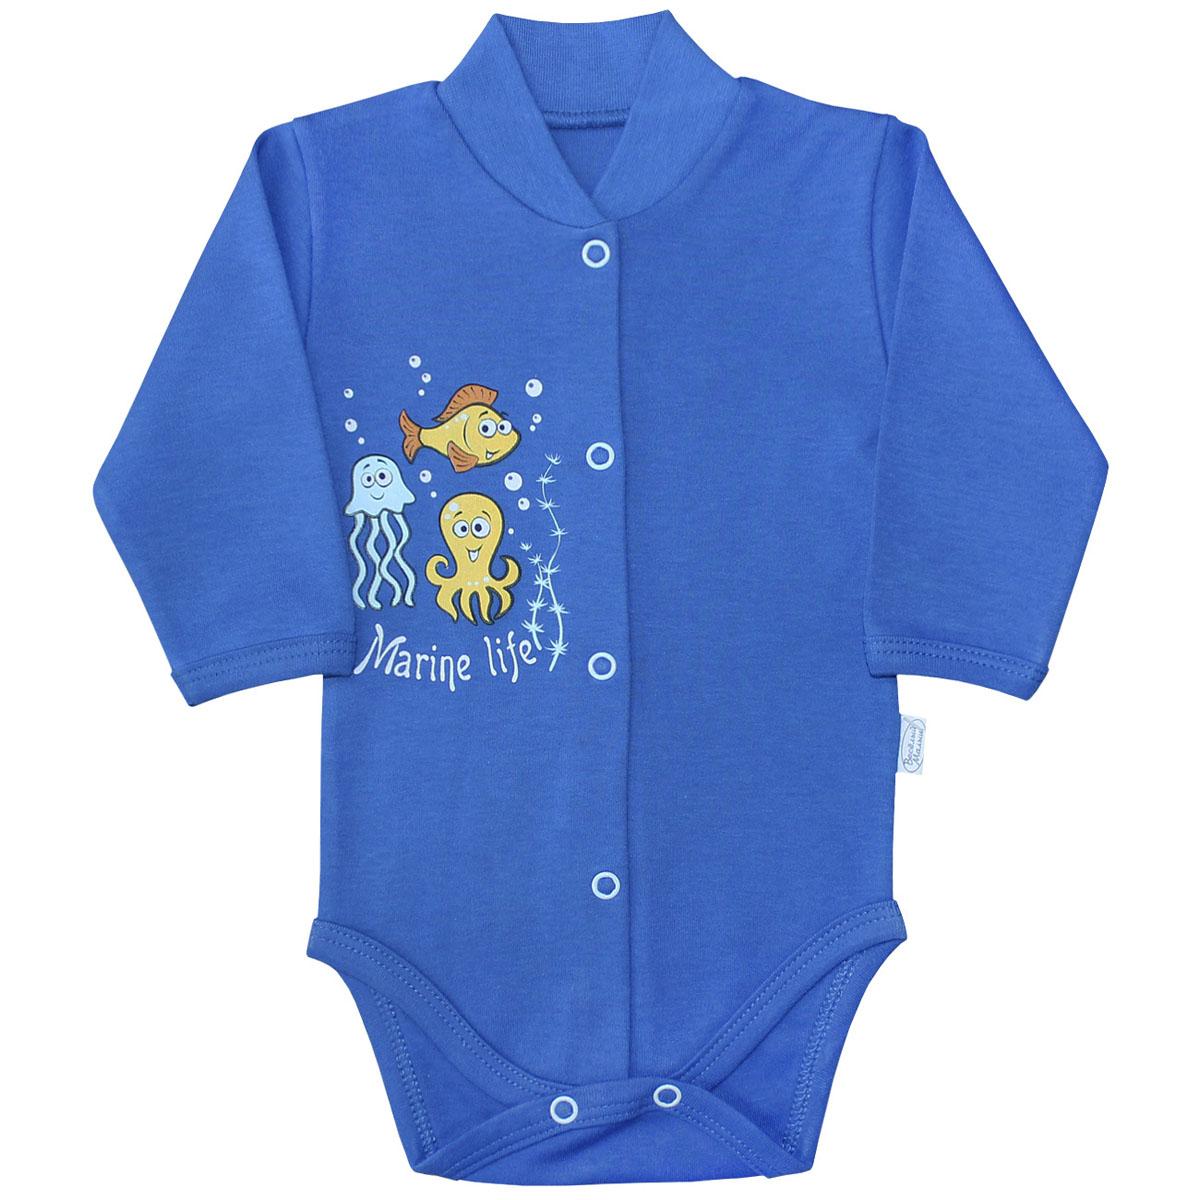 Боди для мальчика Веселый малыш Морская жизнь, цвет: синий. 141/322/мж-C (1). Размер 68